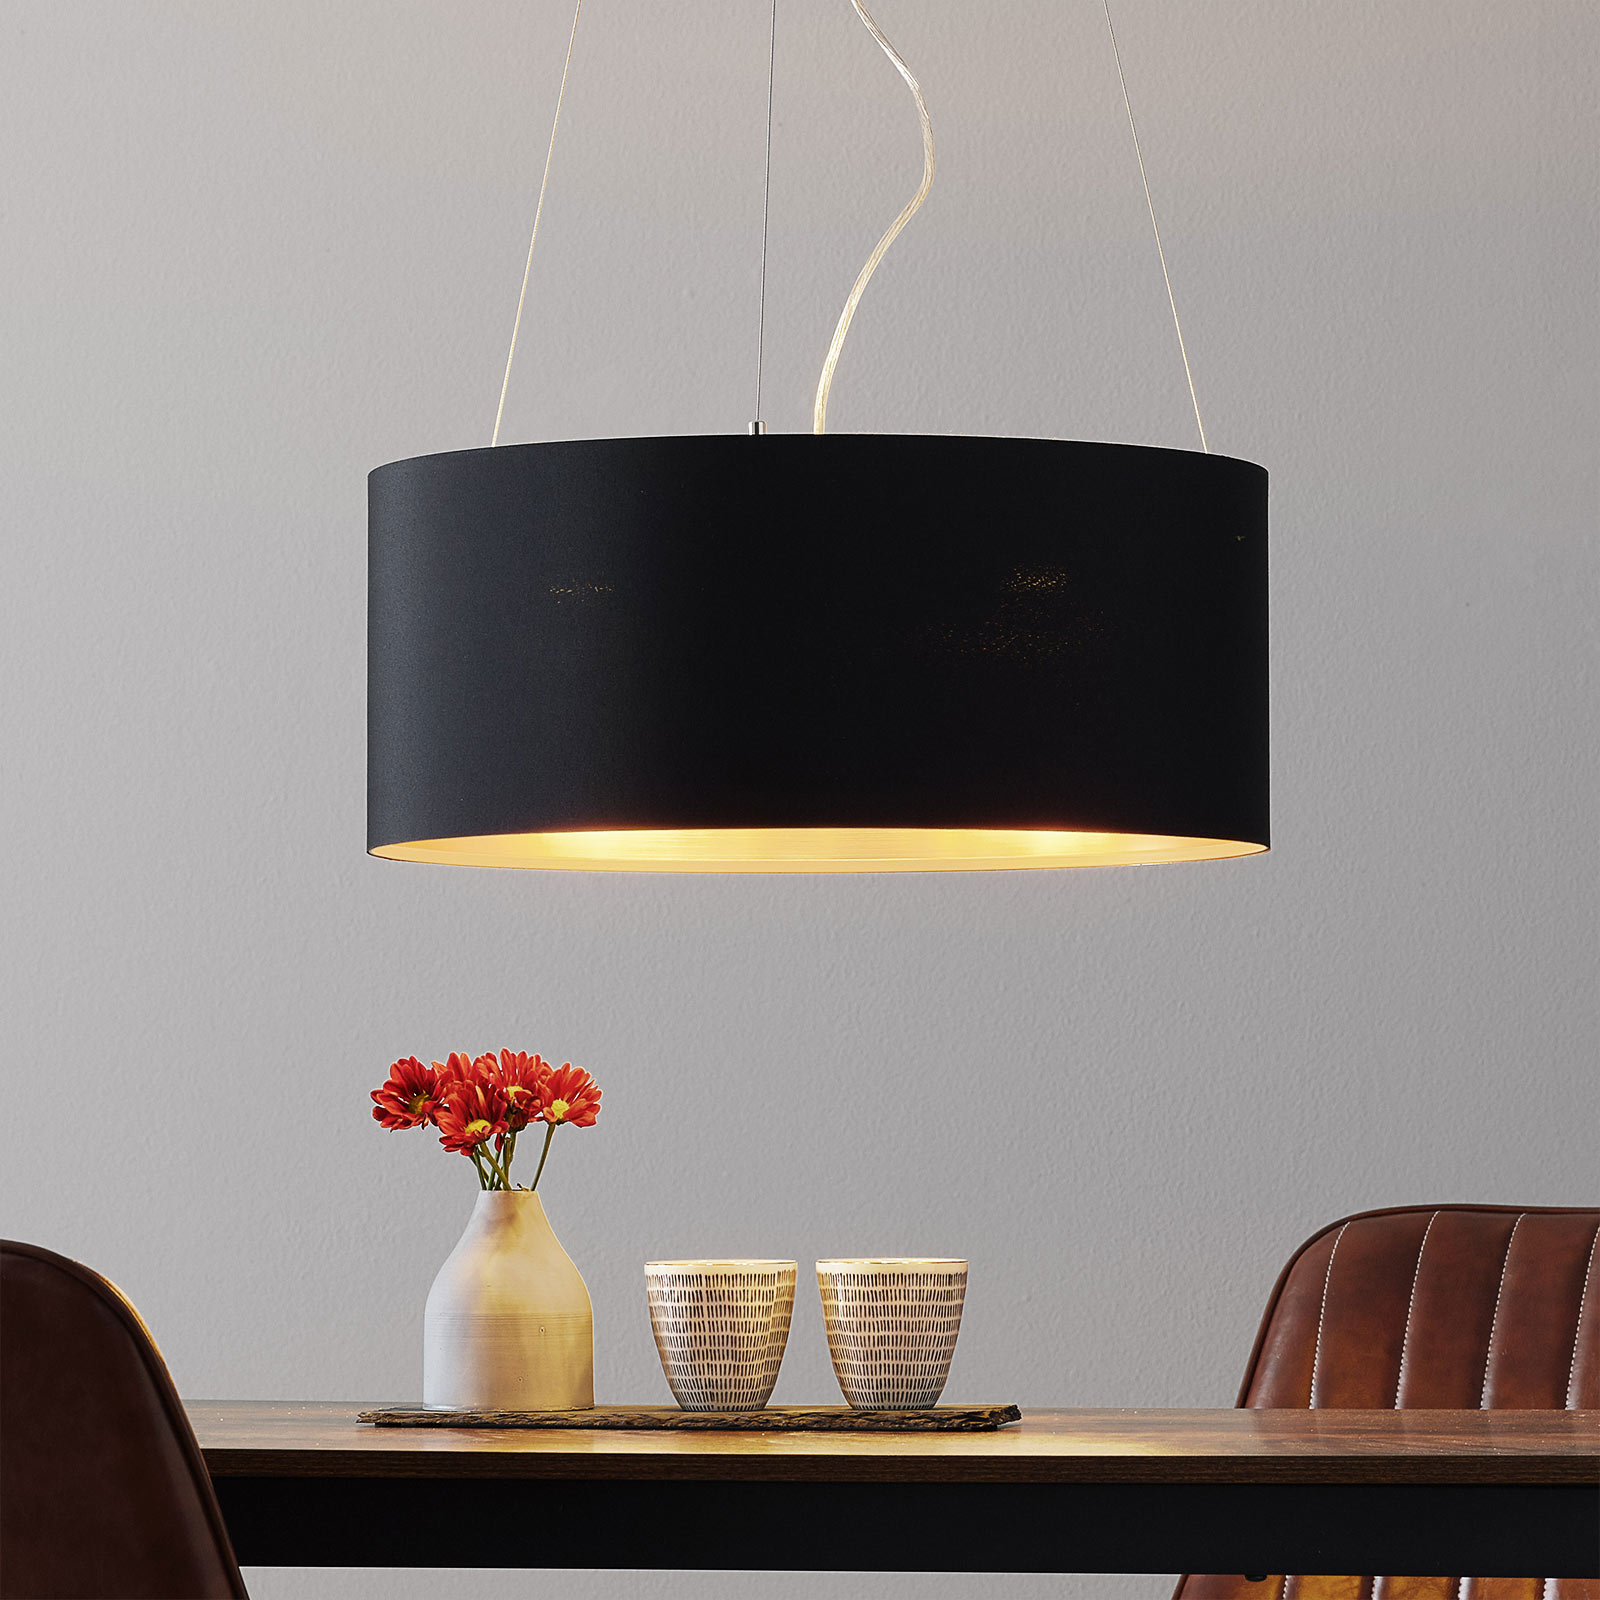 Textilná závesná lampa Lecio, 53 cm čierna_3031696_1